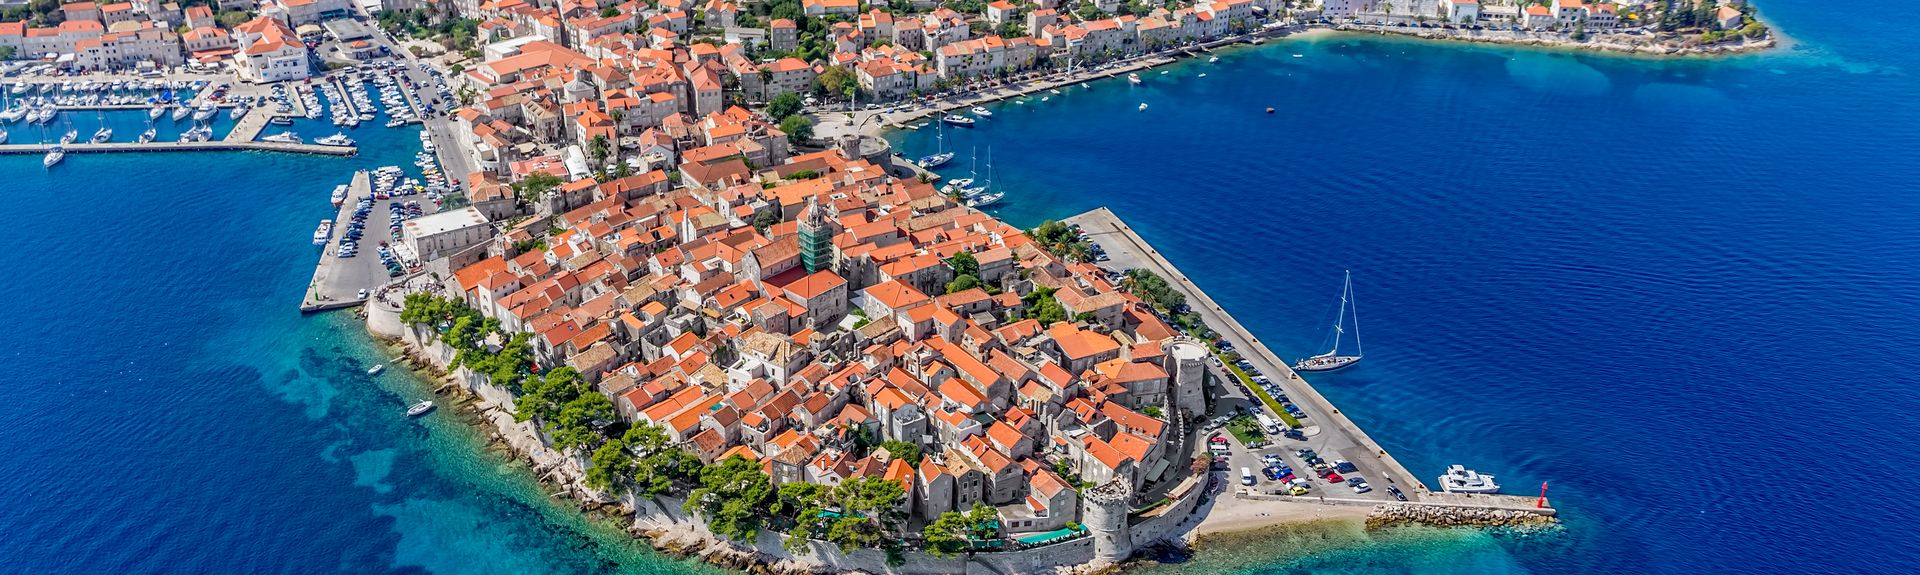 Korčula, Dubrovnik-Neretva, Kroatia